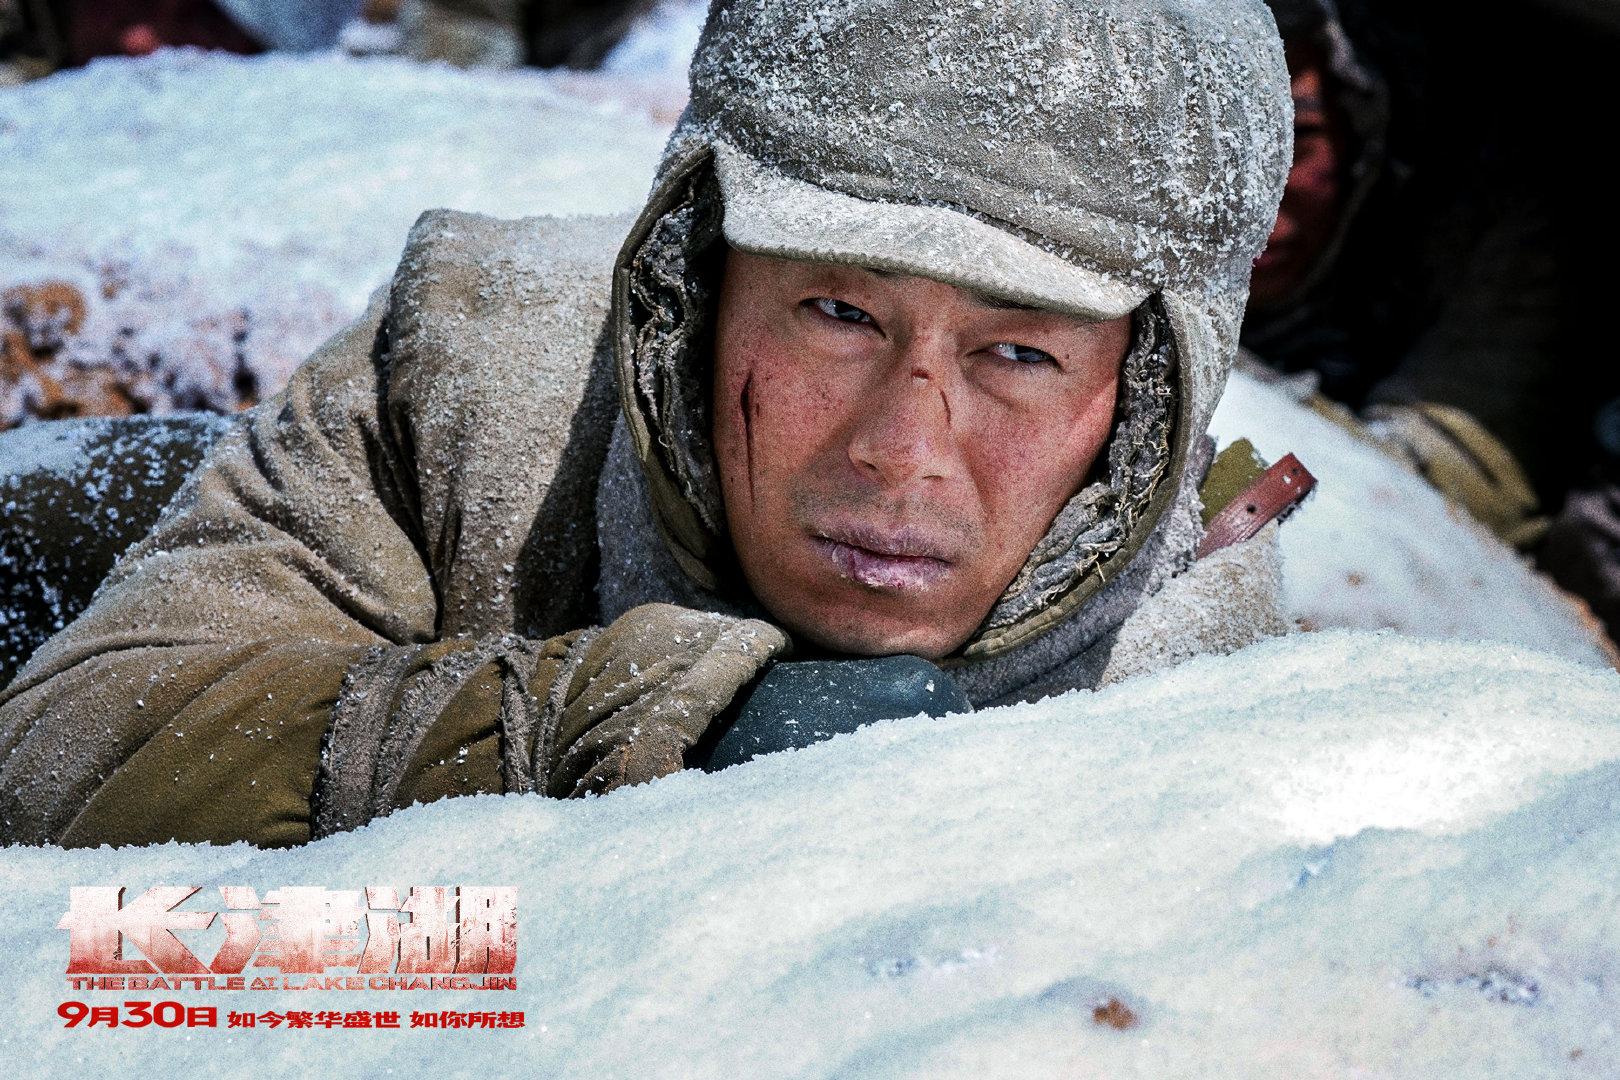 《长津湖》新幕后特辑、剧照&人物档案 冰天雪地满脸伤痕